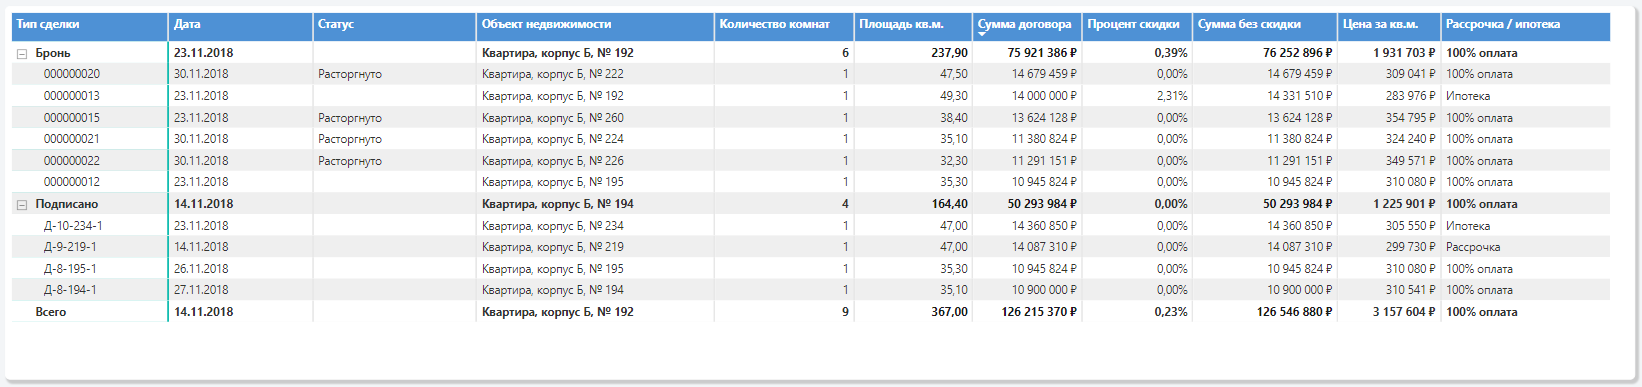 таблица с детальной информацией по проданным объектам